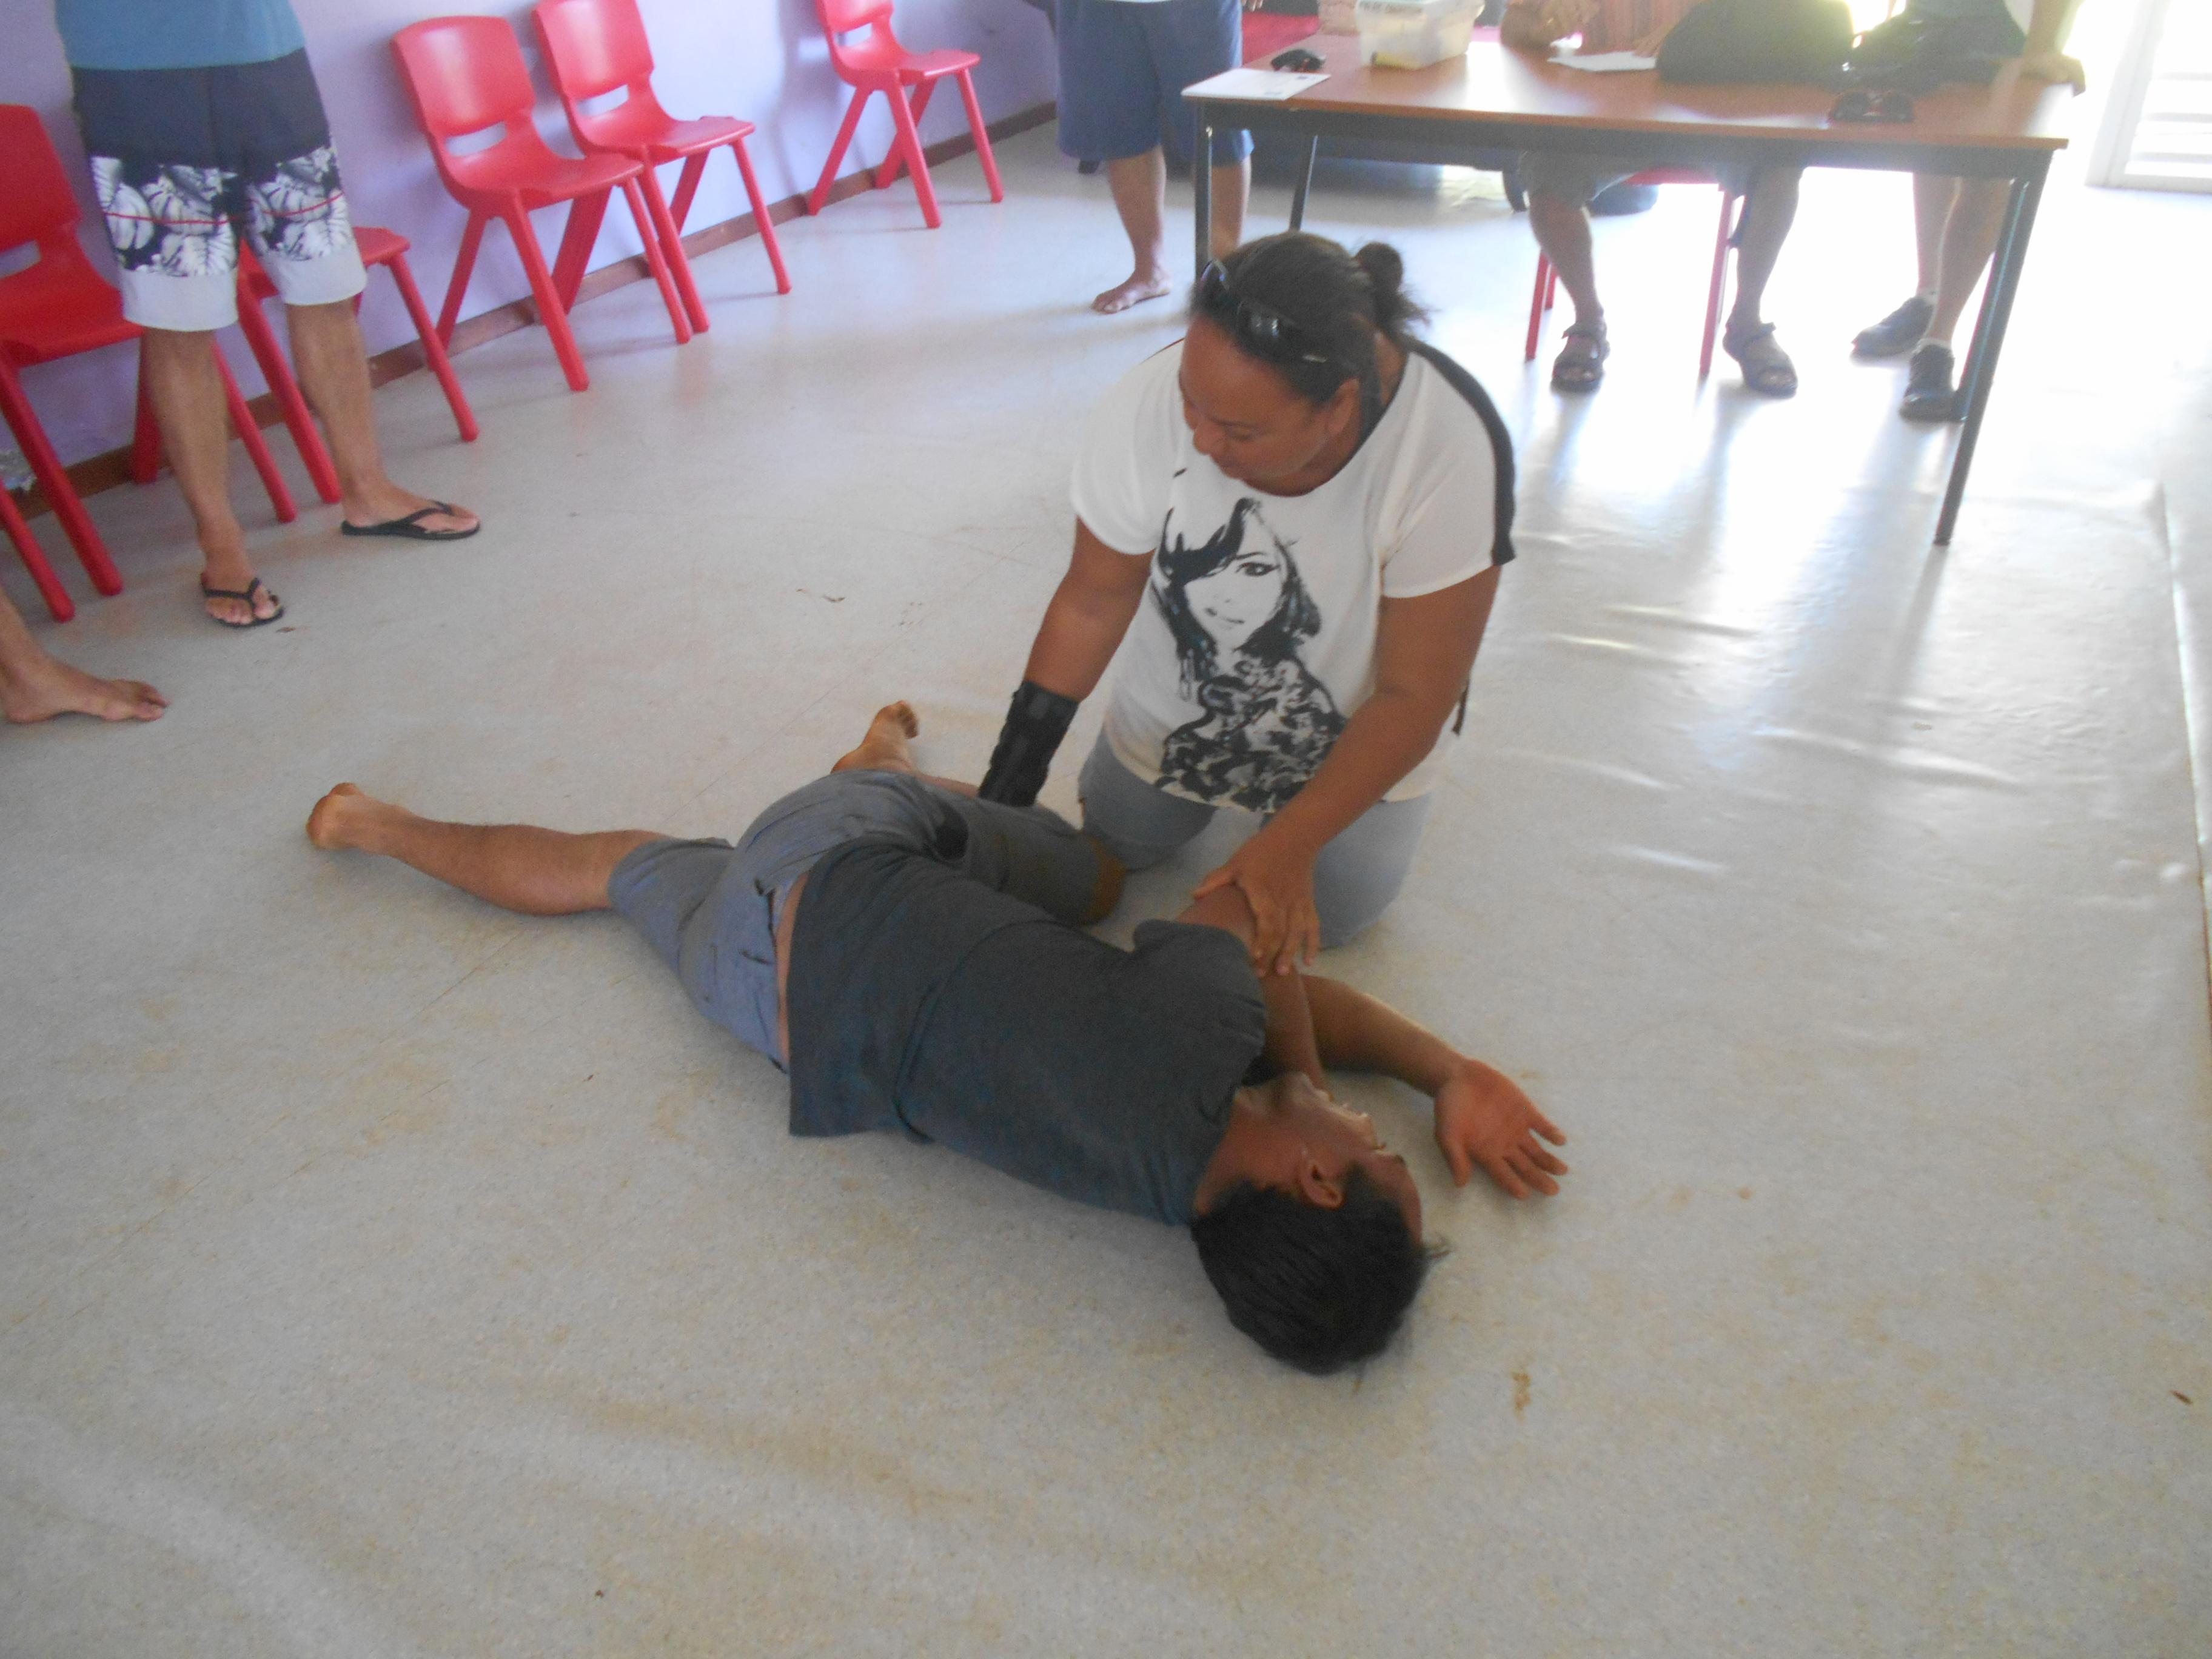 Le personnel a suivi une formation aux premiers secours qui a duré 8 heures.